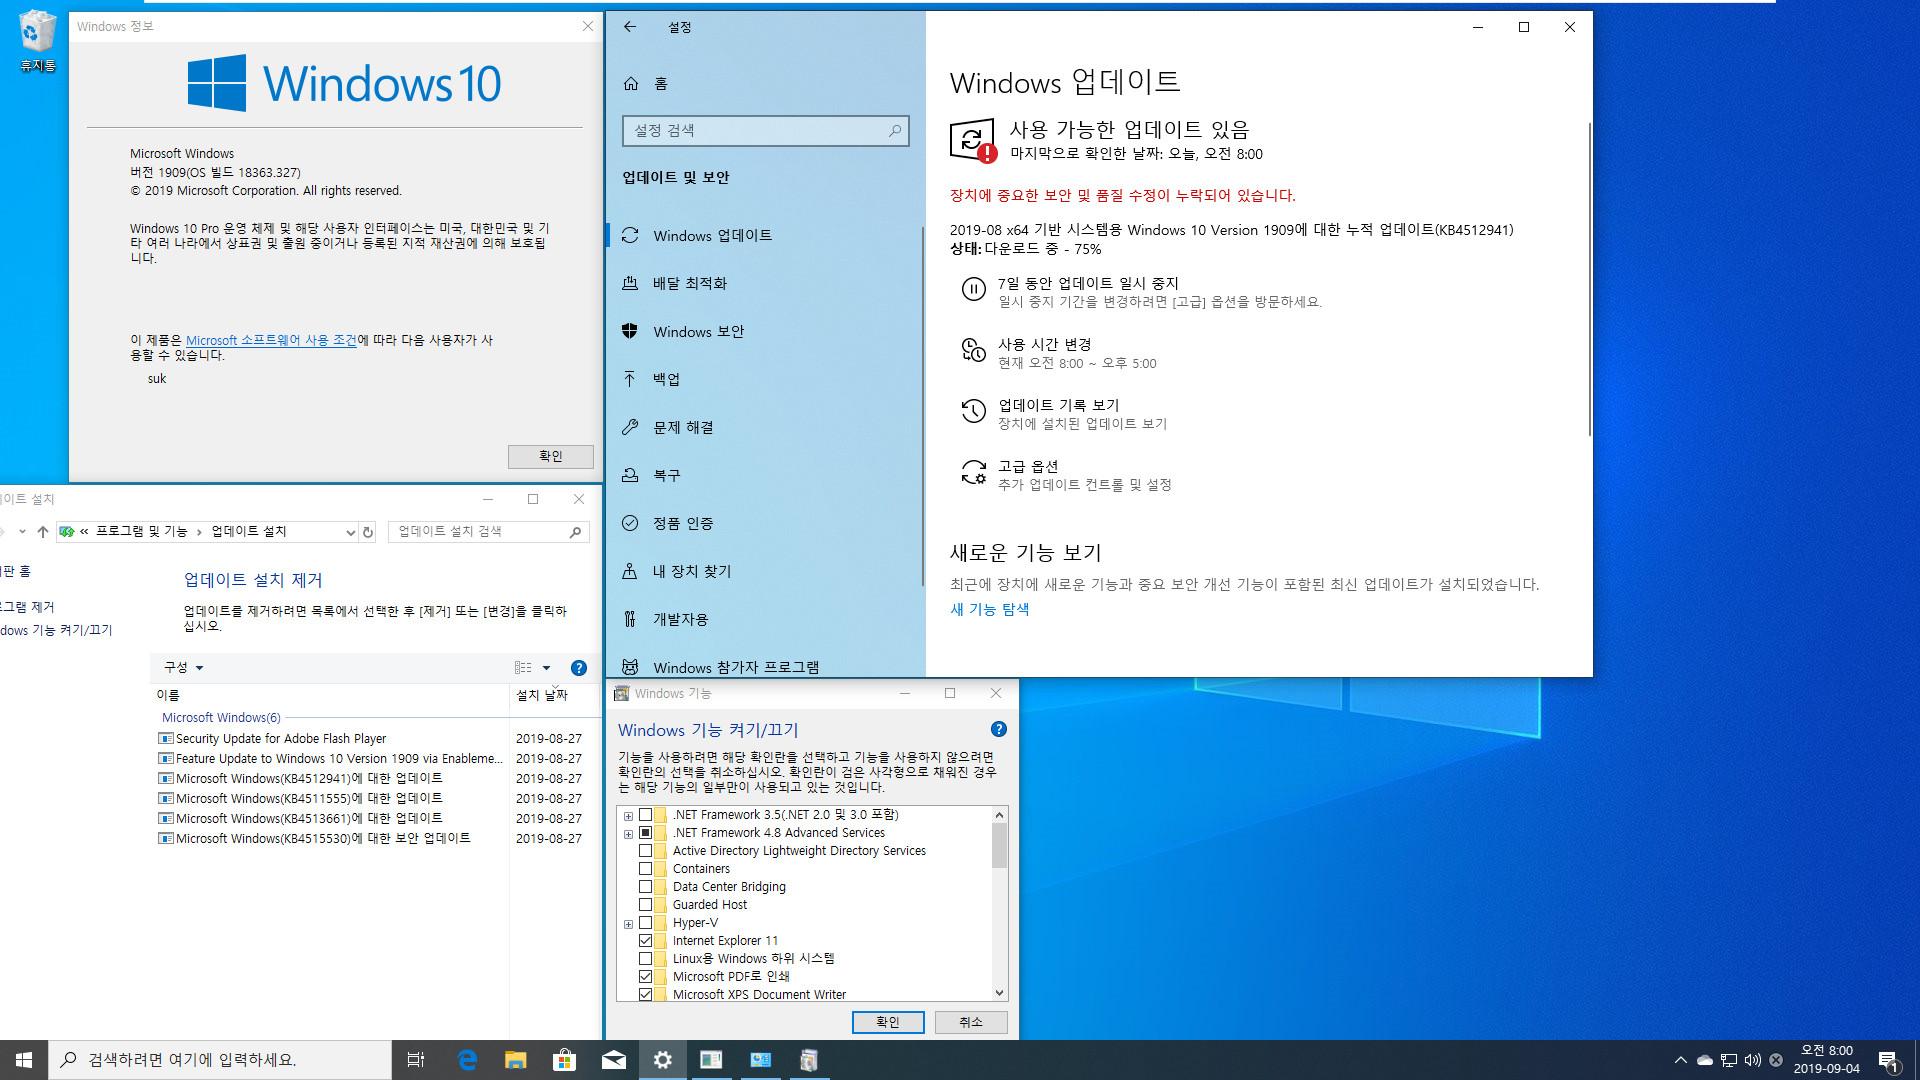 Windows 10 19H2 버전 1909 (OS 빌드 18363.327) 릴리스 프리뷰 - ms 에서 배포한 iso - 설치 테스트 - ms 계정으로 릴리스 프리뷰로 윈도 업데이트 2019-09-04_080039.jpg